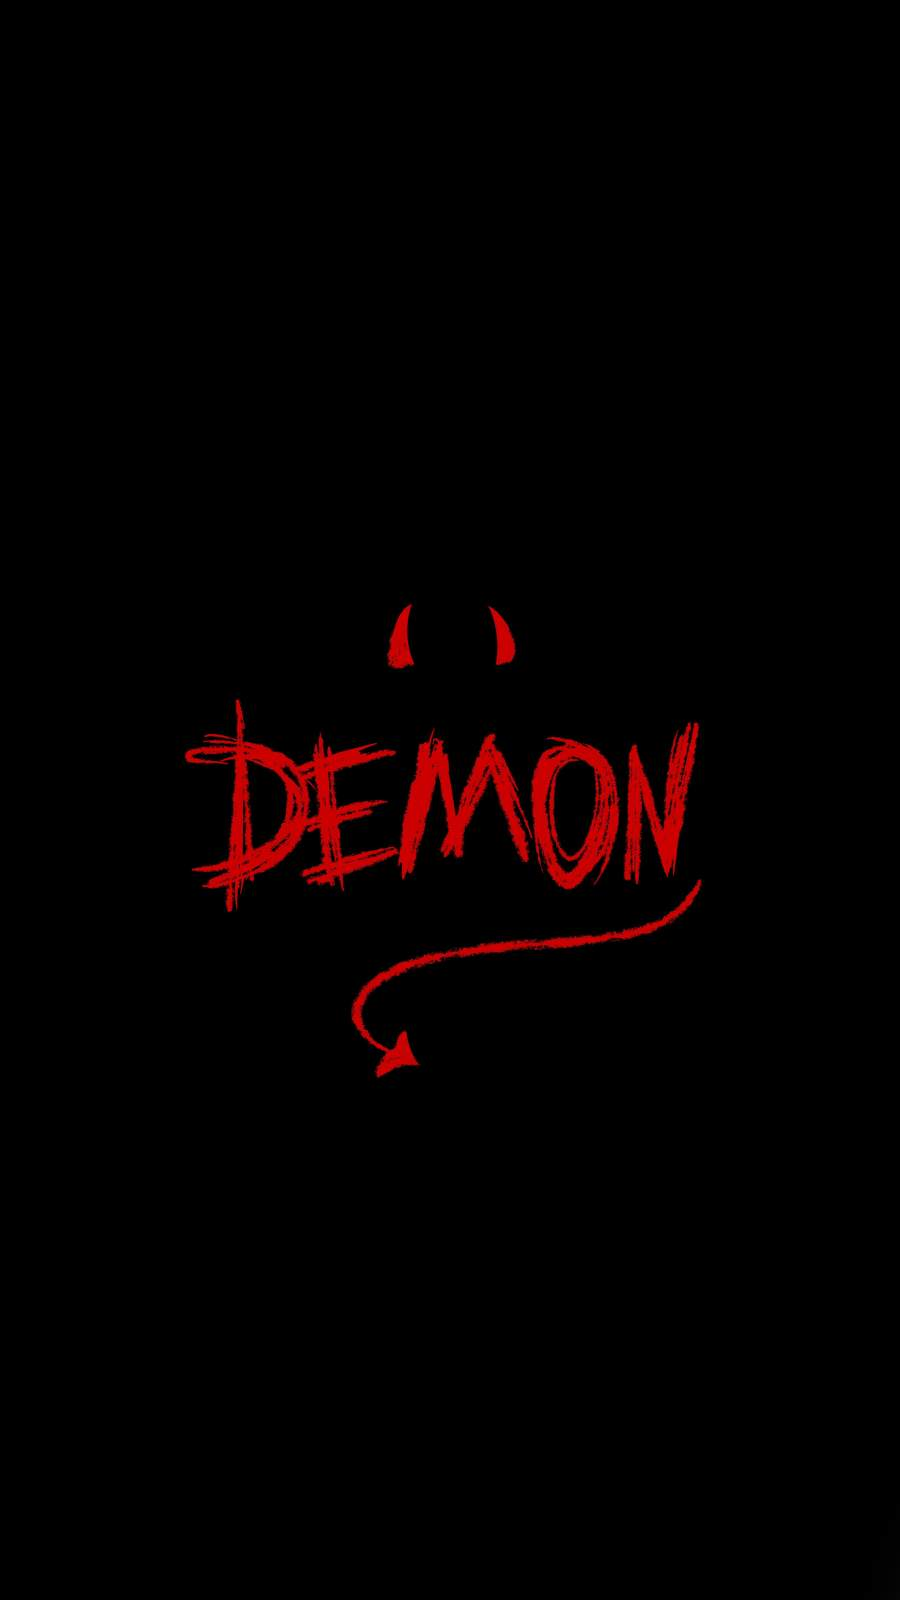 Demon iPhone Wallpaper